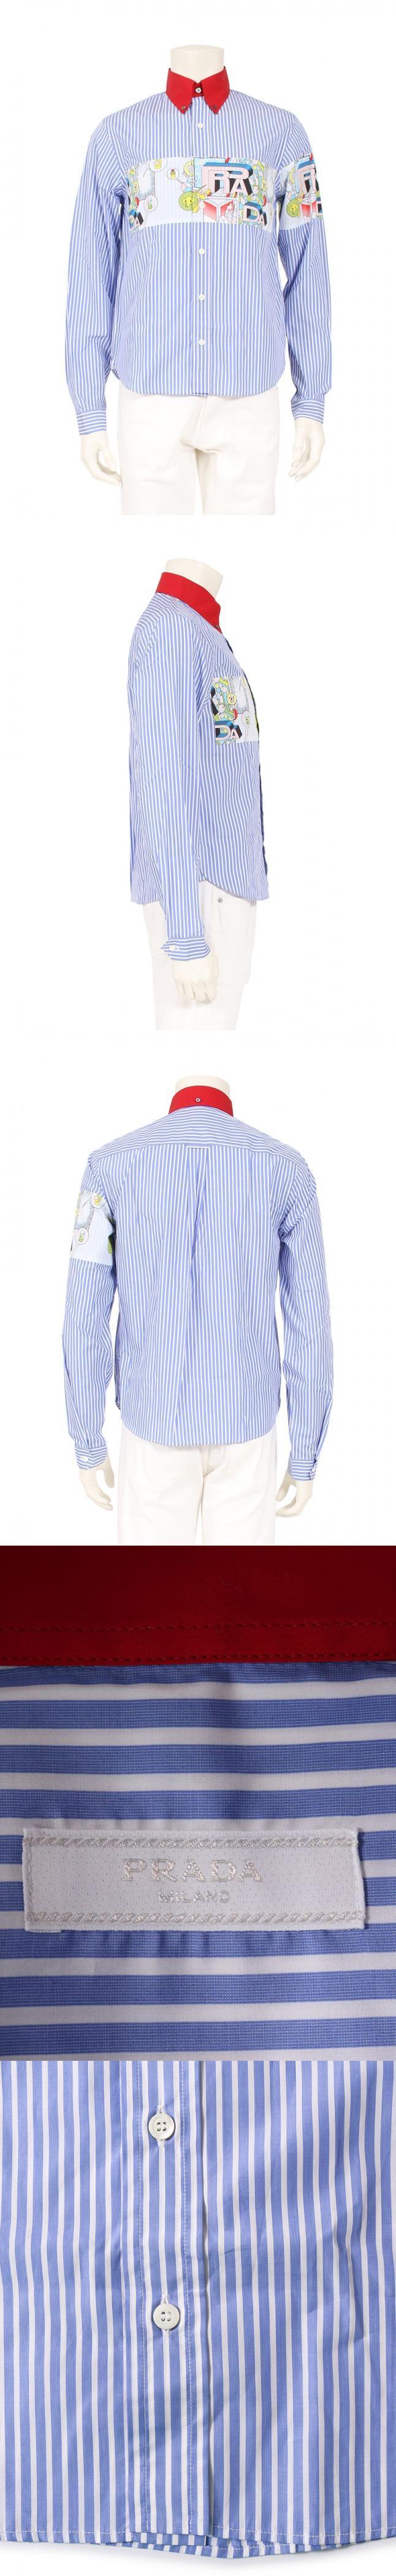 シャツ カジュアルシャツ 水色 白 赤 マルチカラー XS トップス 長袖 ストライプ コミックプリント コットン